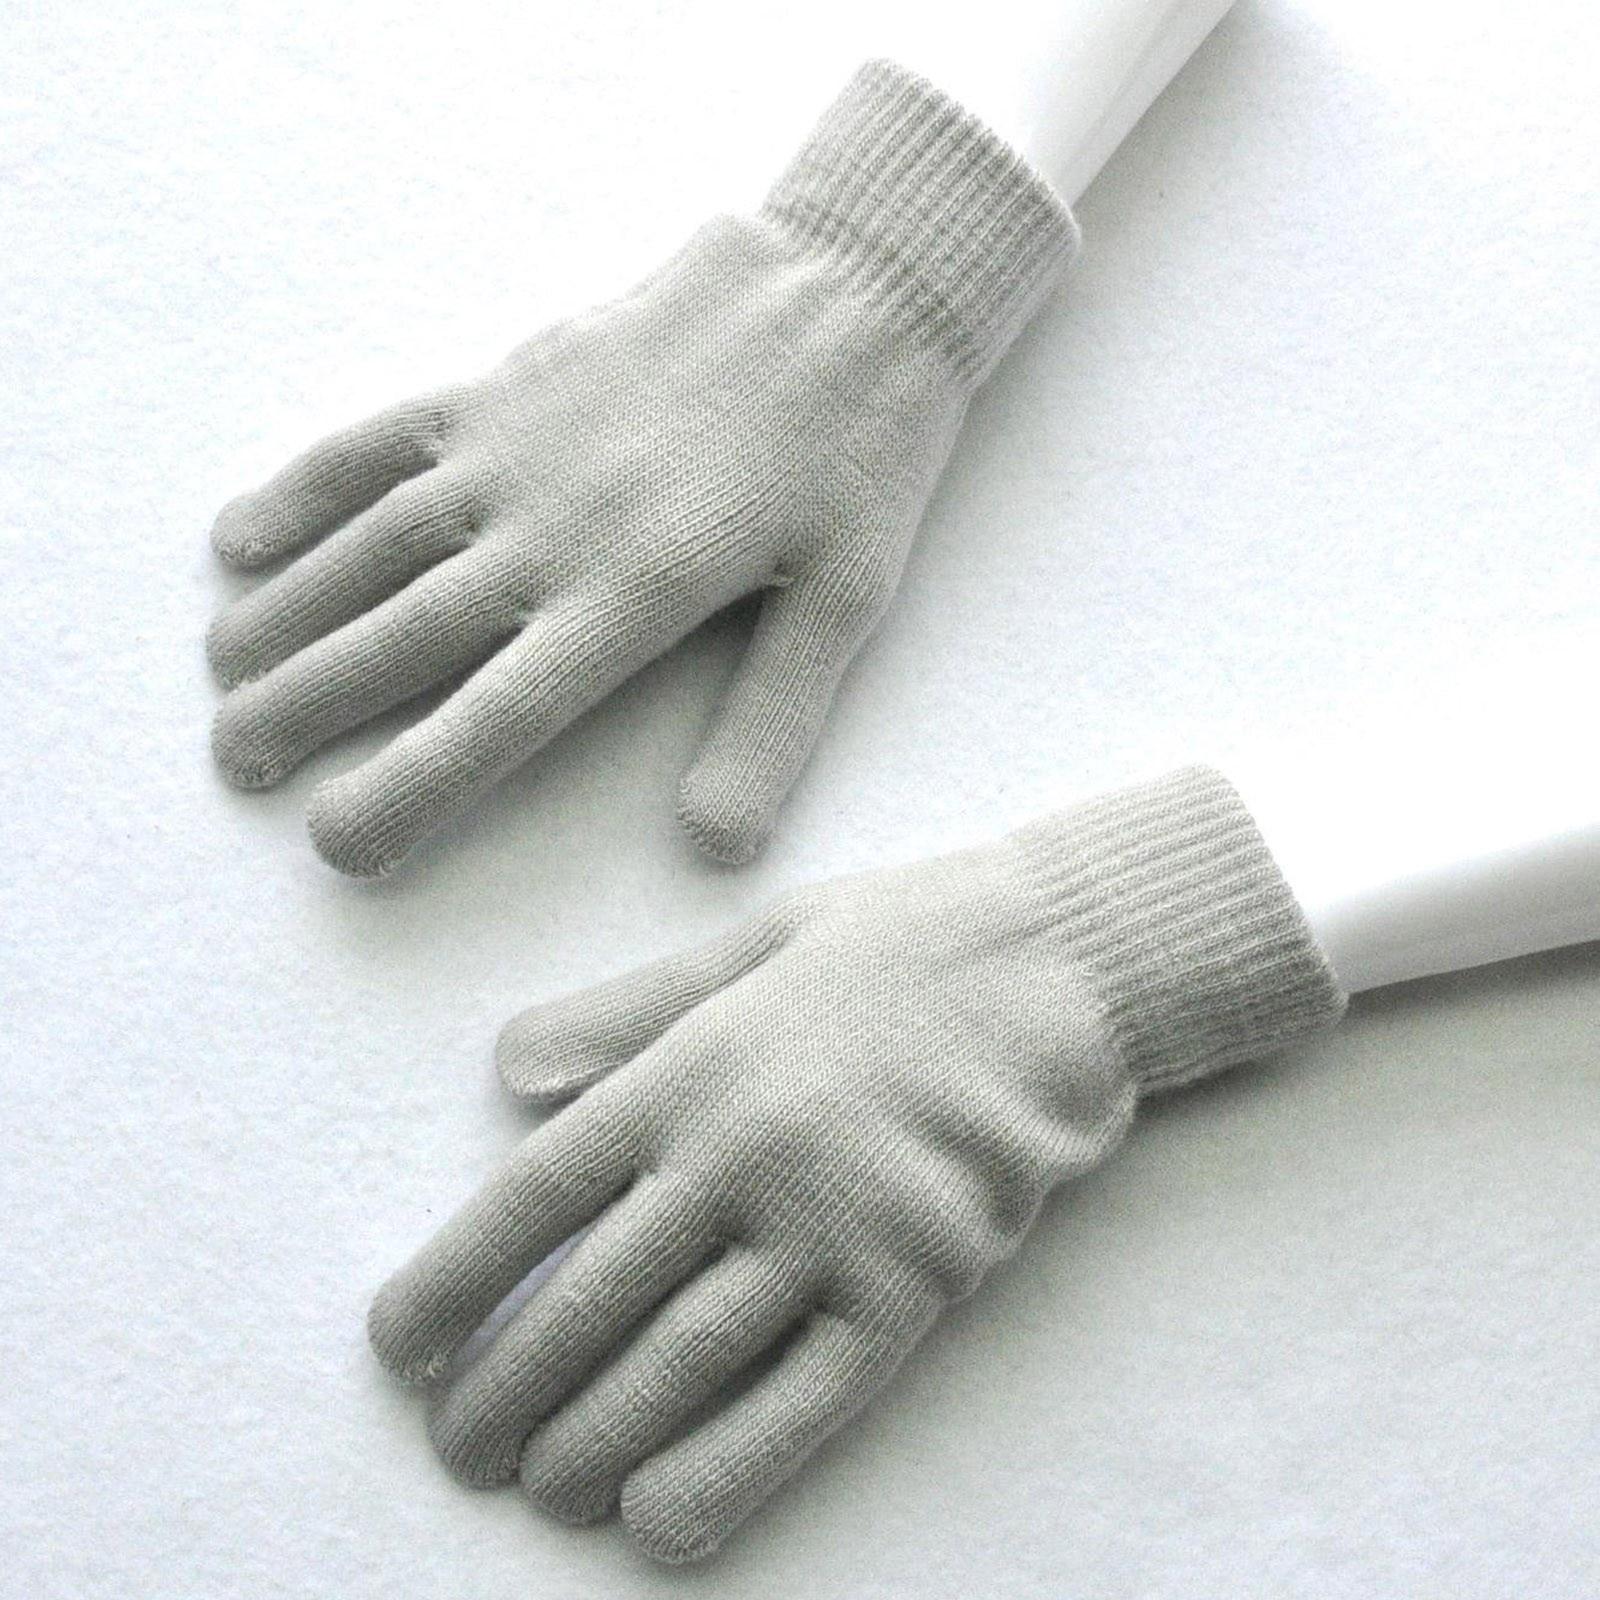 Зимние перчатки, варежки с закрытыми пальцами, перчатки, зимние детские перчатки, женские теплые вязаные шерстяные перчатки, зимние теплые ...